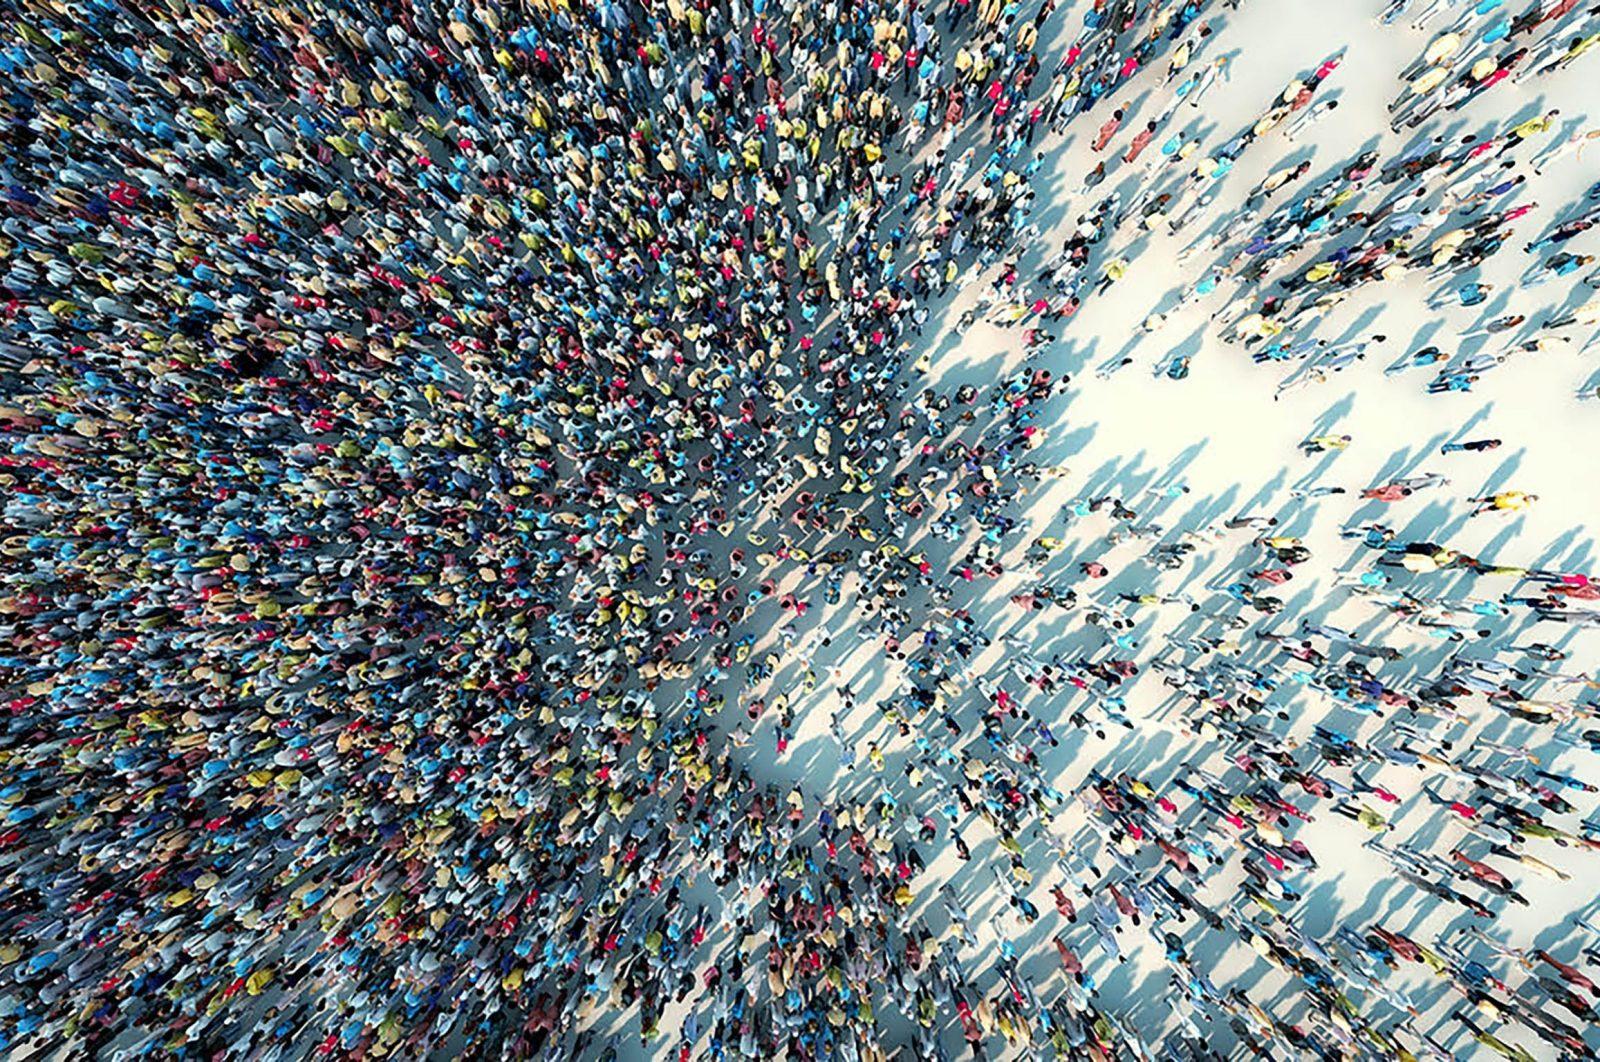 birds eye view of huge crowd of people